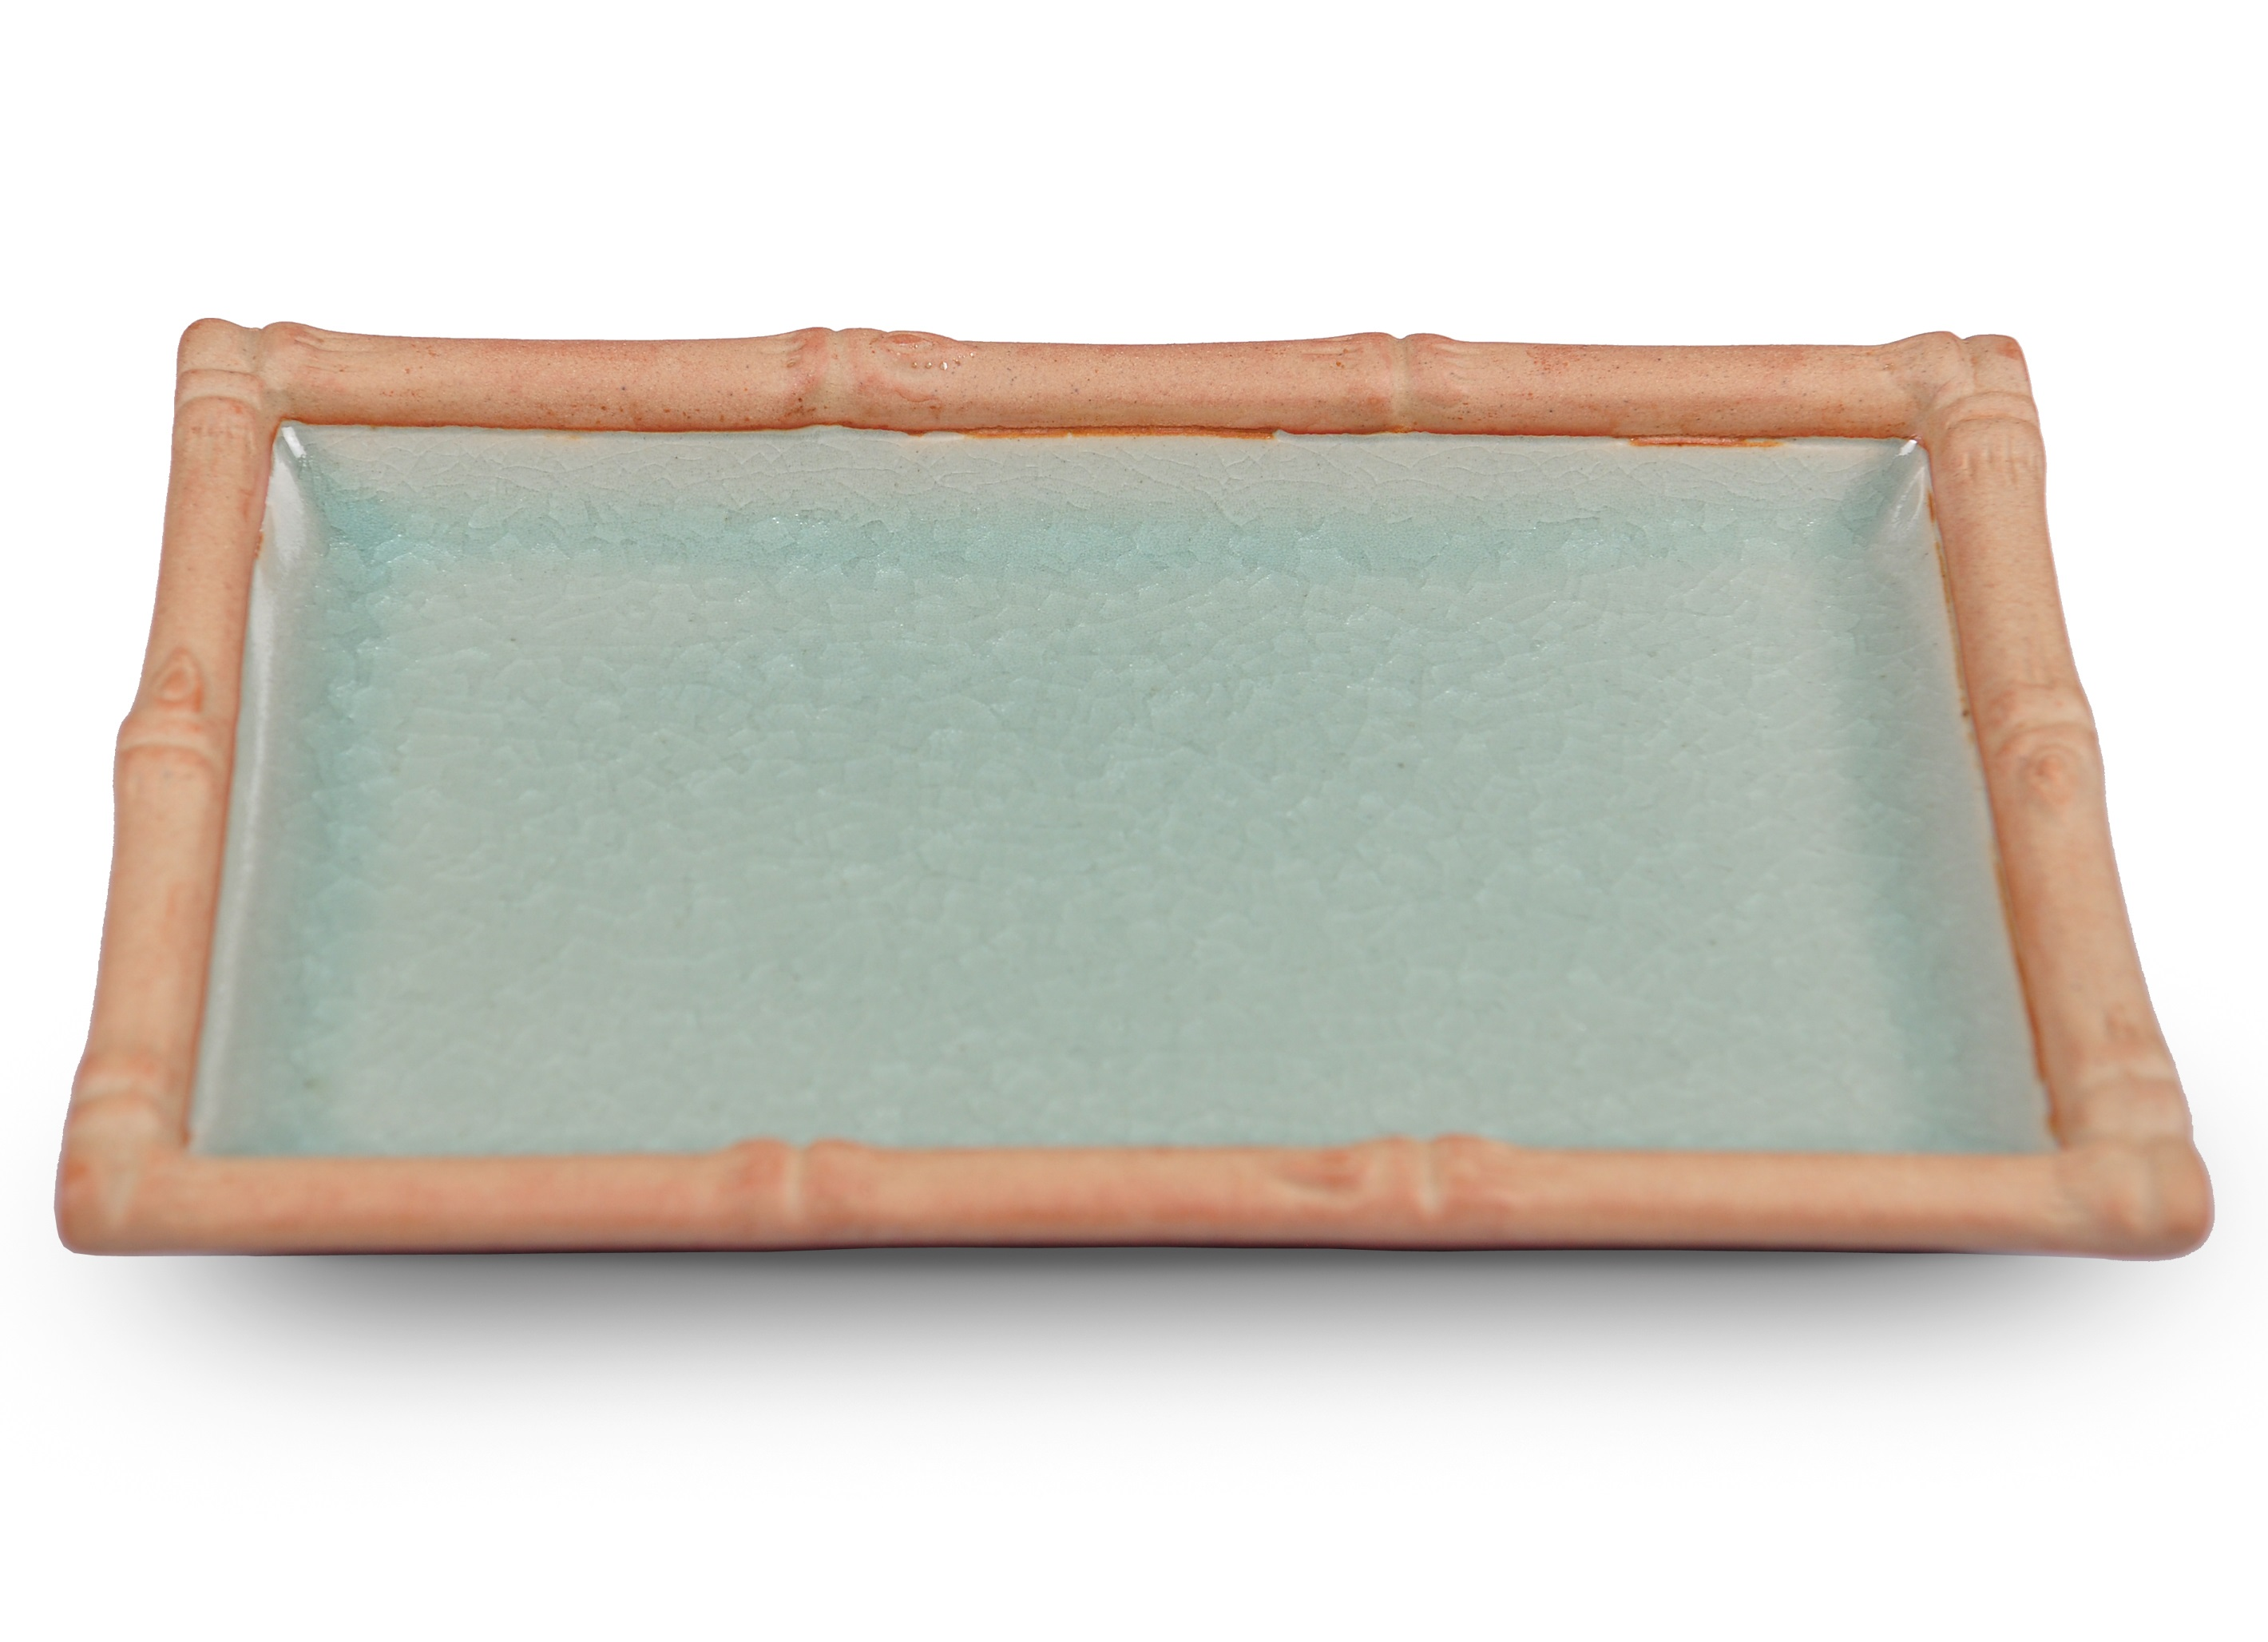 Блюдо Bamboo LineДекоративные блюда<br>Вечно зеленый бамбук, символизирующий в буддийском наследии постоянство и долголетие, стал главным акцентом этой изящной коллекции. Тонкий рисунок, с ботанической точностью повторяющий все детали настоящего стебля бамбука, уникален, неповторим и совершенен, словно создан самой природой. Наполните свой дом предметами из коллекции &amp;quot;Bamboo Line&amp;quot; и окунитесь в прохладу бамбуковых лесов.&amp;amp;nbsp;<br><br>Material: Керамика<br>Length см: 21.5<br>Width см: 14<br>Height см: 2